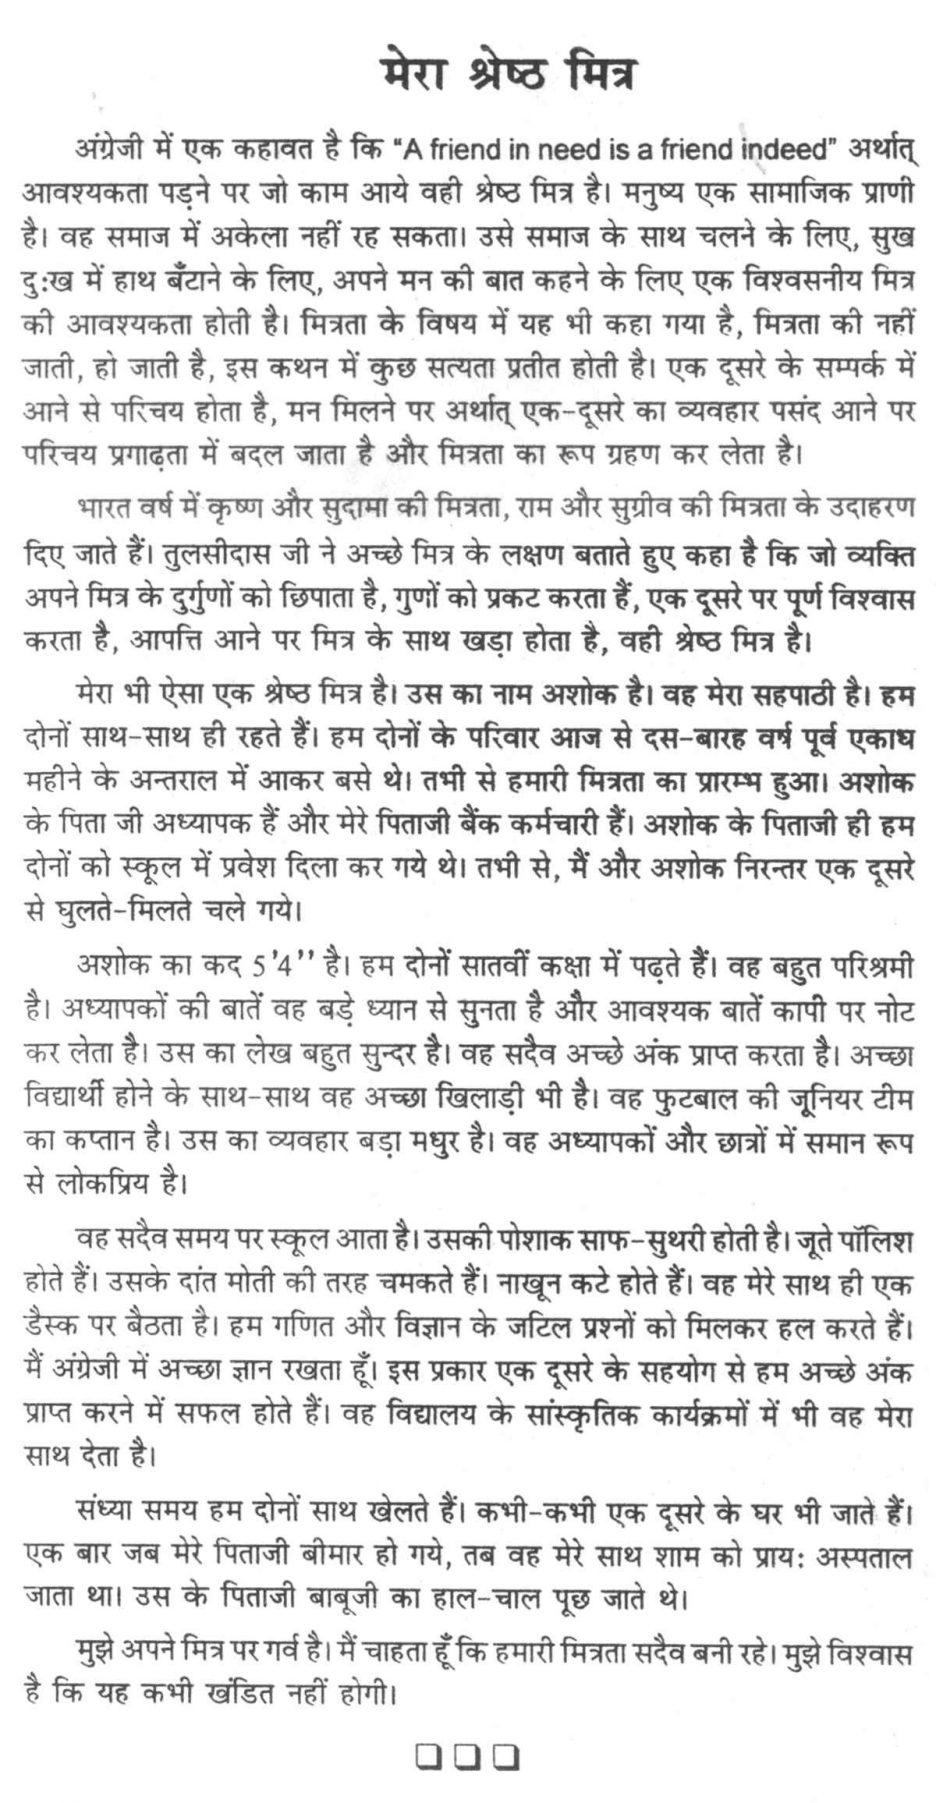 003 Essay Example Qualities Of Good Friends Friend Thumb Teacher Great Characteristics Pdf In Hindi Three Free Language Urdu Amazing A Short Full